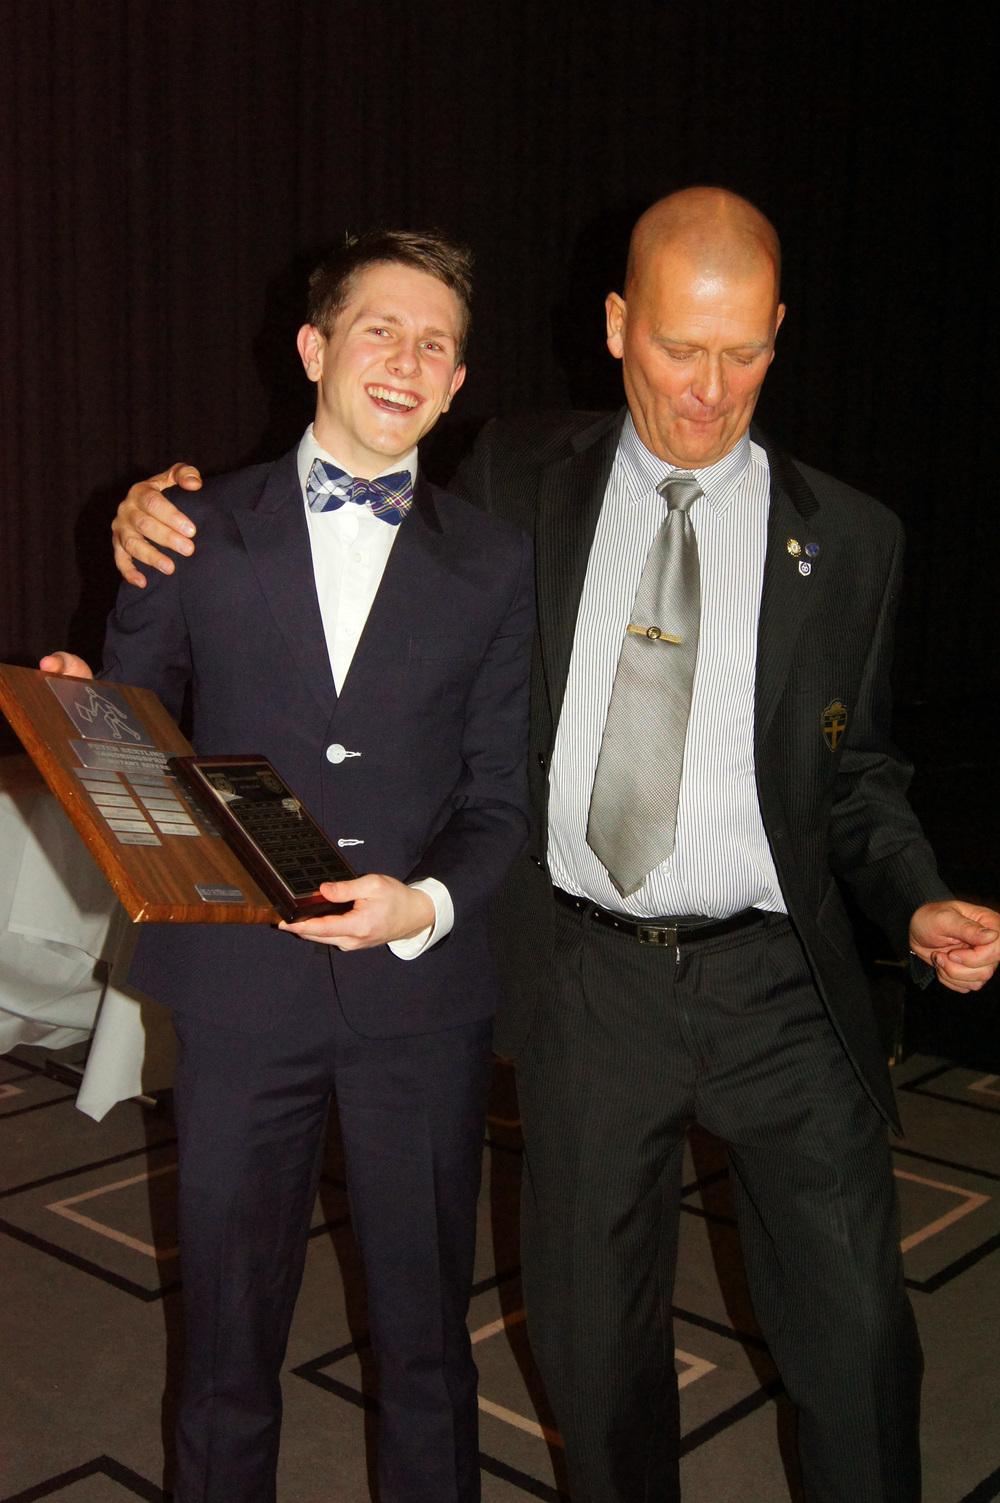 ÅRETS LINJERS:  Isaak Bashevkin fikk utdelt prisen for årets assistentdommer av Peter Bertlin.